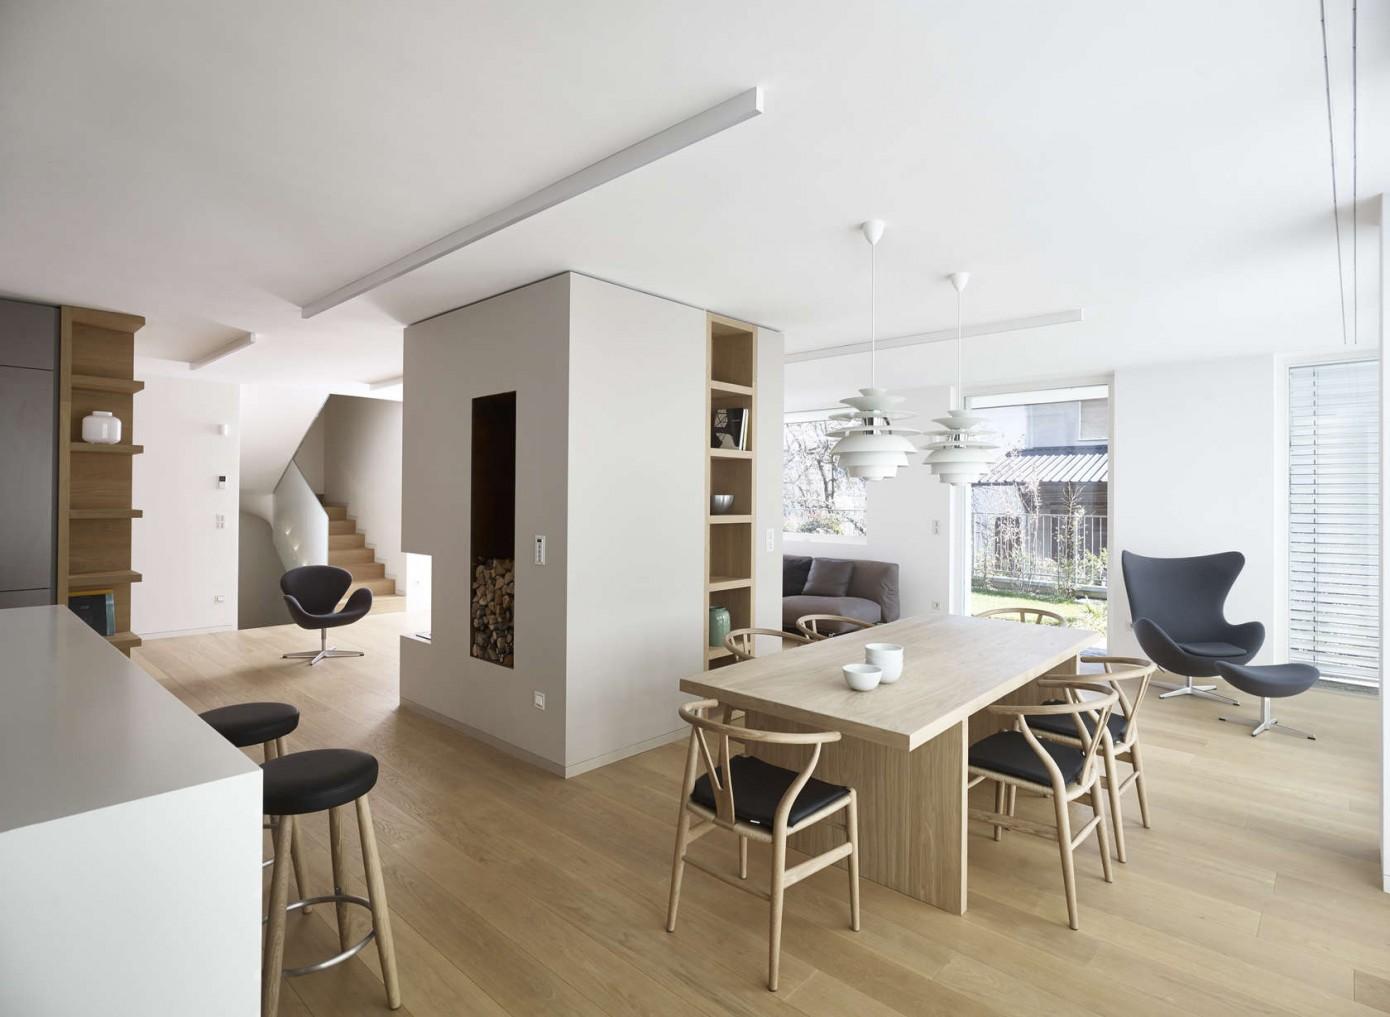 Mp apartment by burnazzi feltrin architetti homeadore for Case di architetti